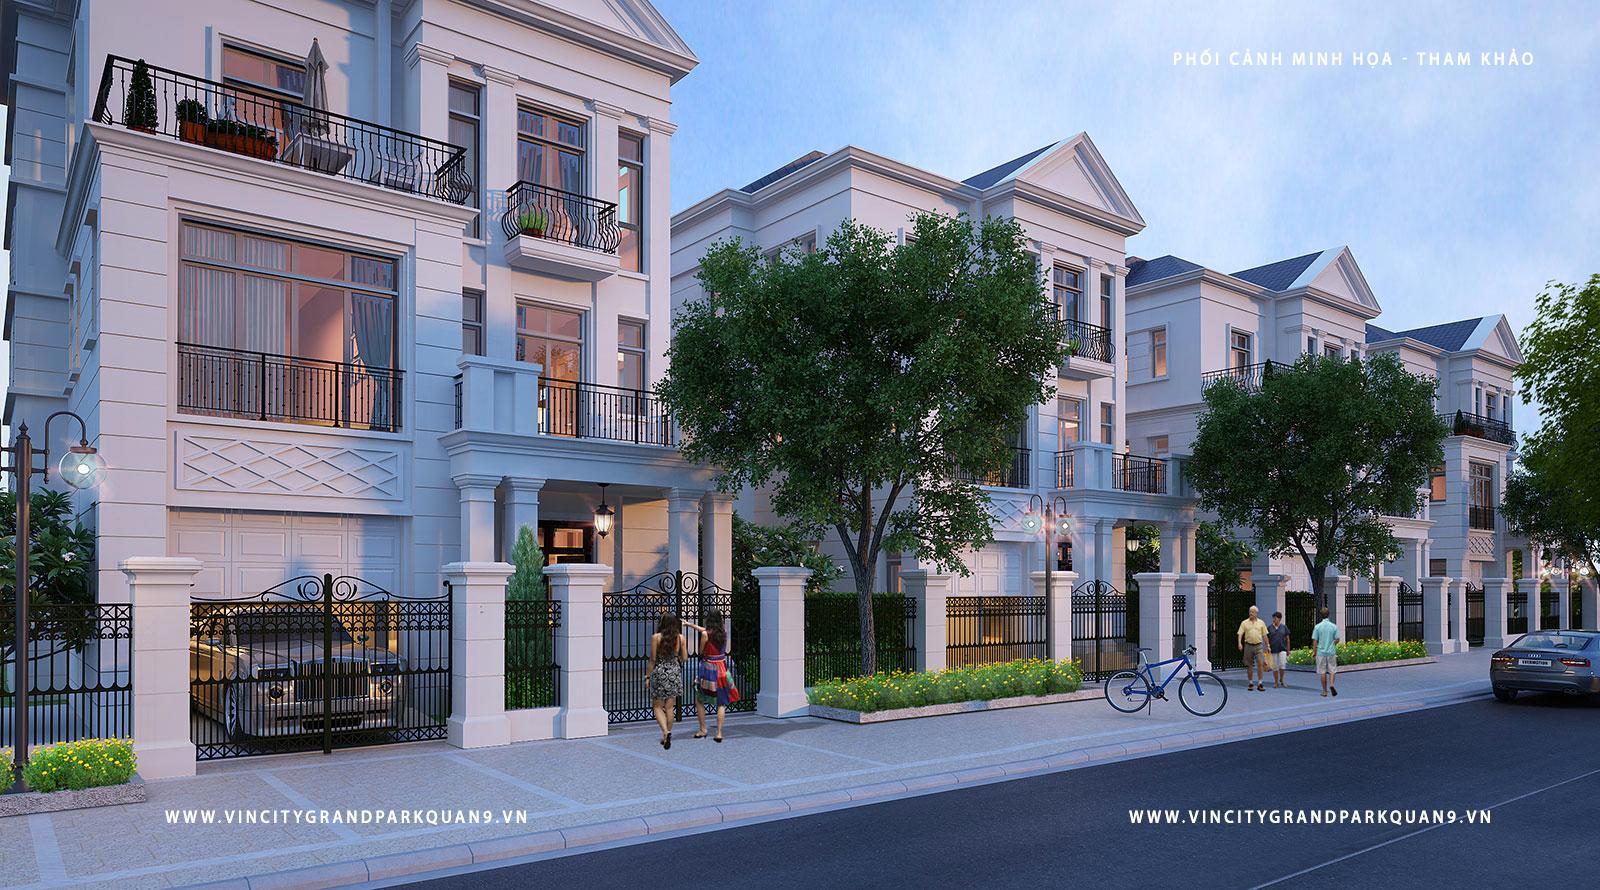 Phối cảnh nhà phố Vincity - Vinhomes ( hình phối cảnh minh họa )